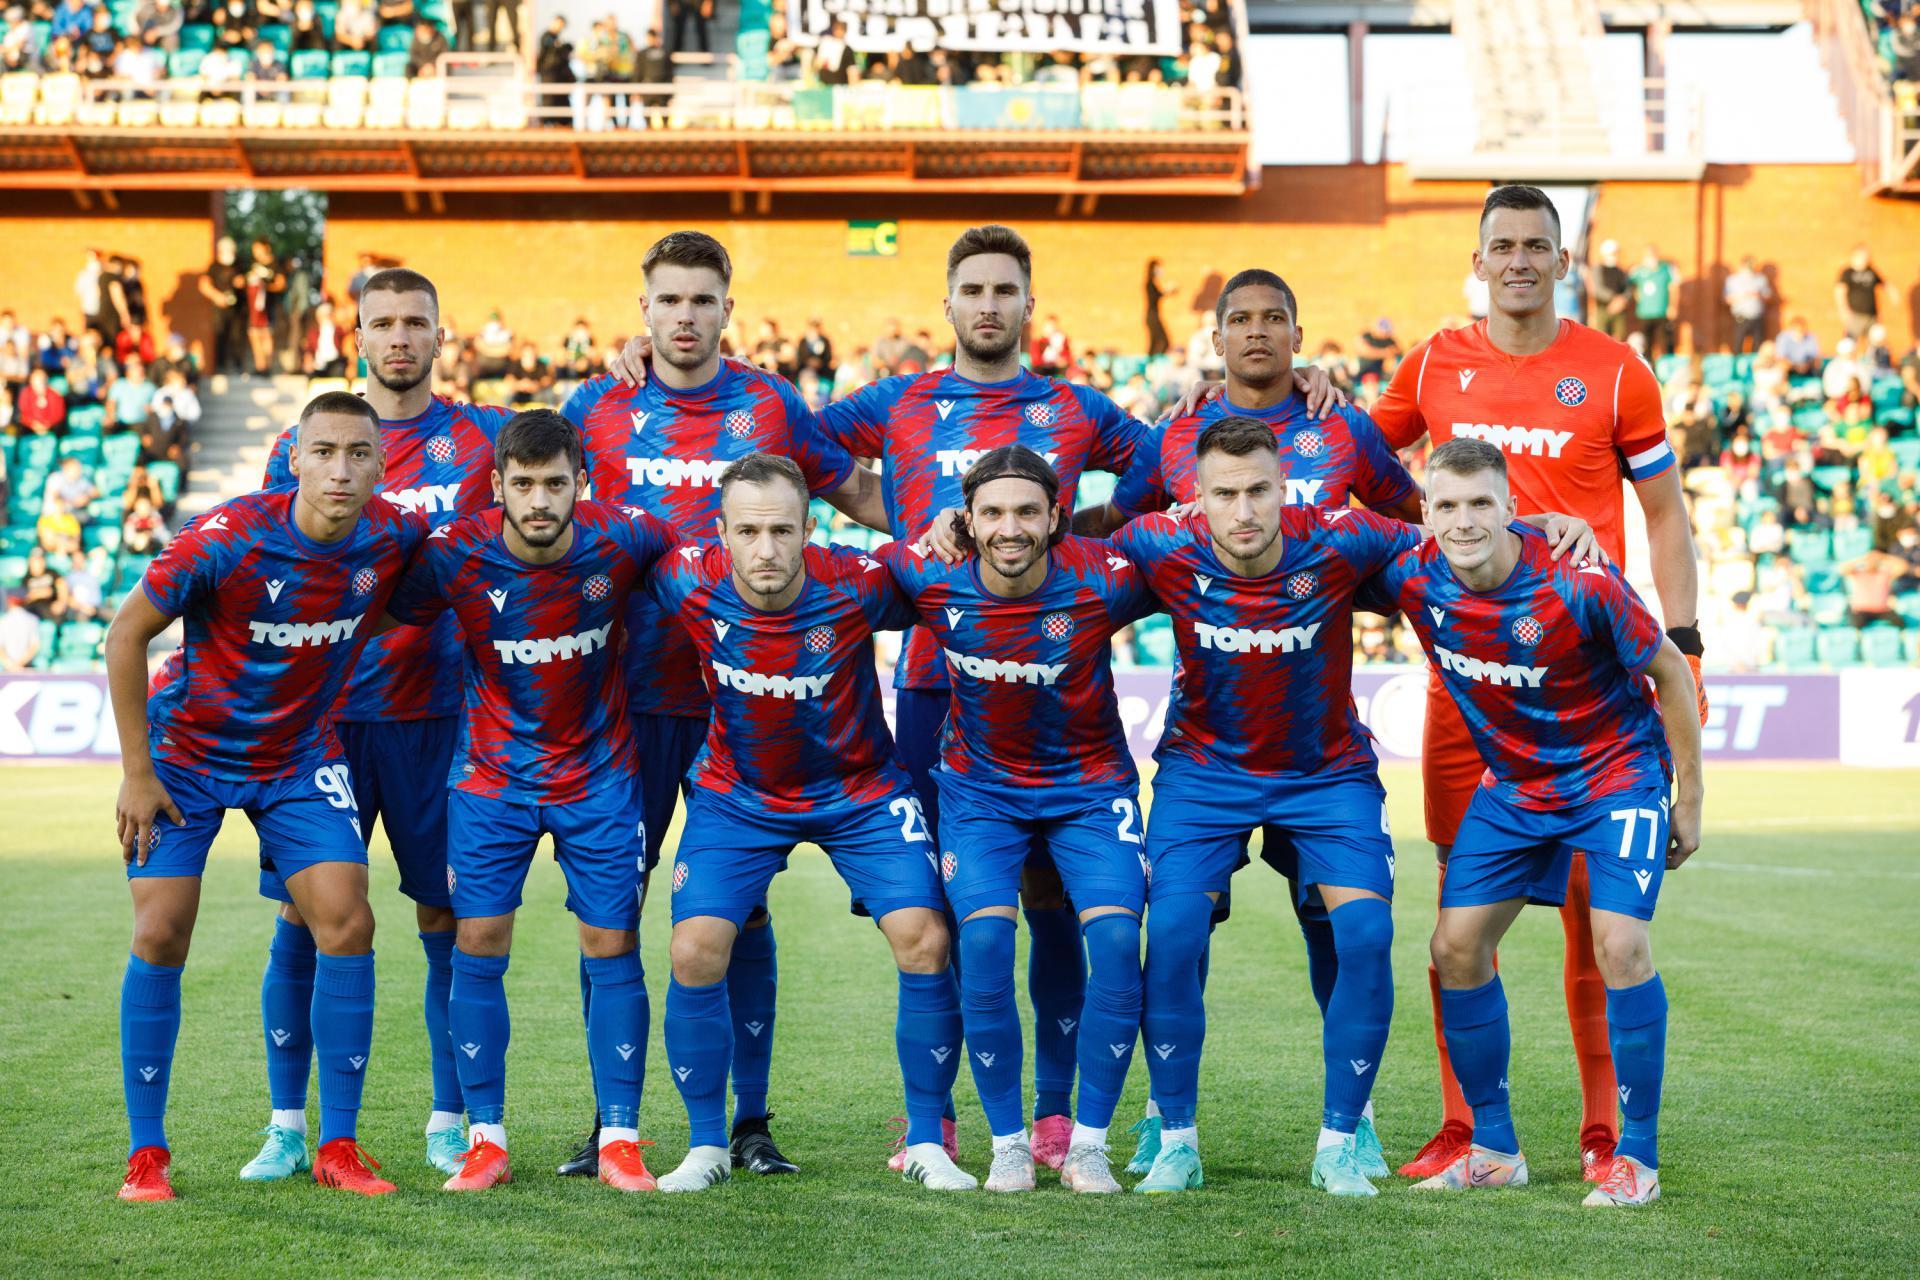 Hajduk je kompletno podbacio, ali uloga tragičara ide kapetanu, šut Tagibergena uopće nije izgledao nezaustavljiv